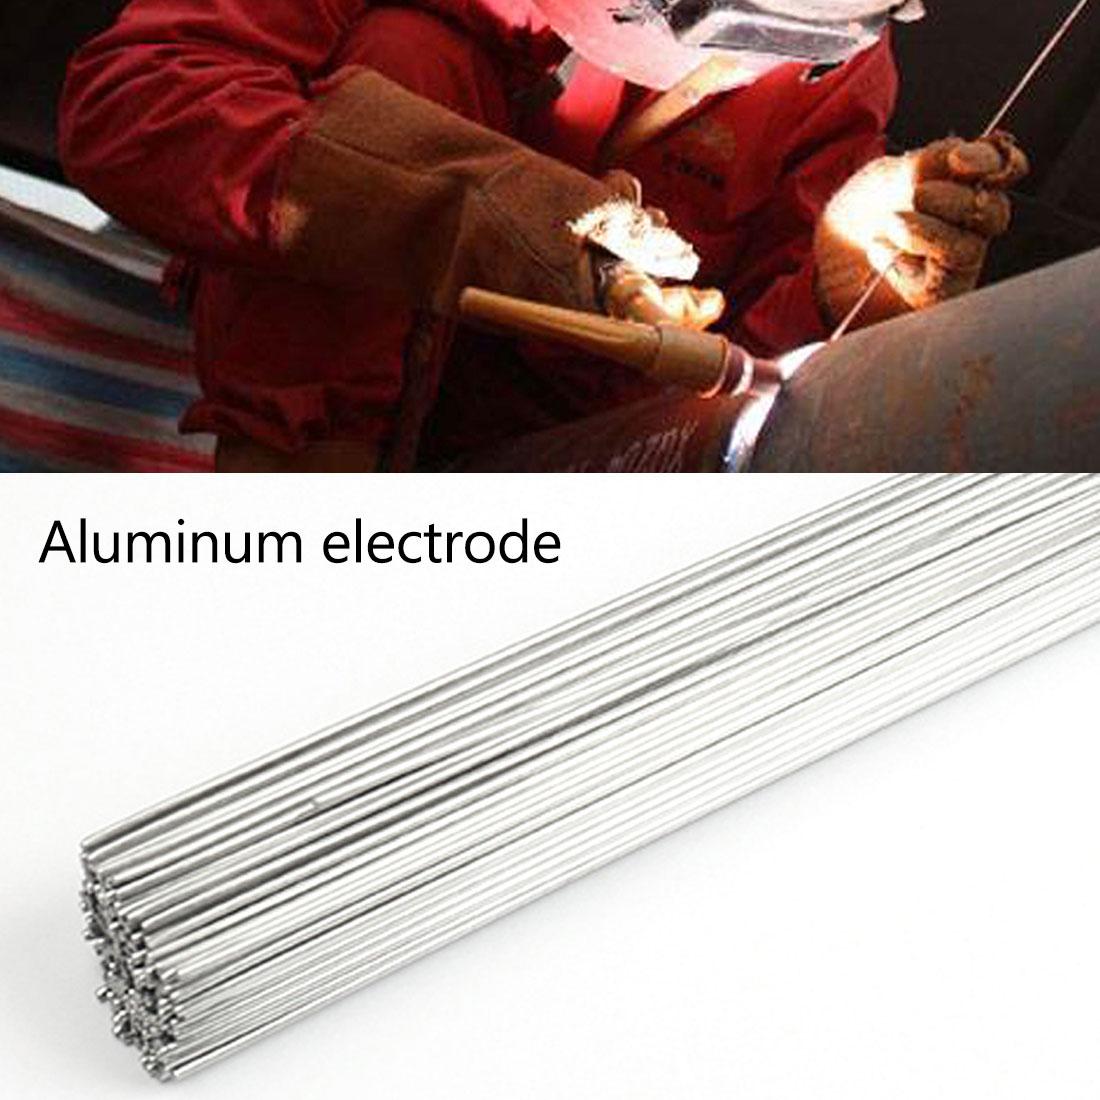 Легкие плавкие низкотемпературные алюминиевые сварочные электроды 1,6/2 мм Сварочные электроды не требуют порошка для сварки